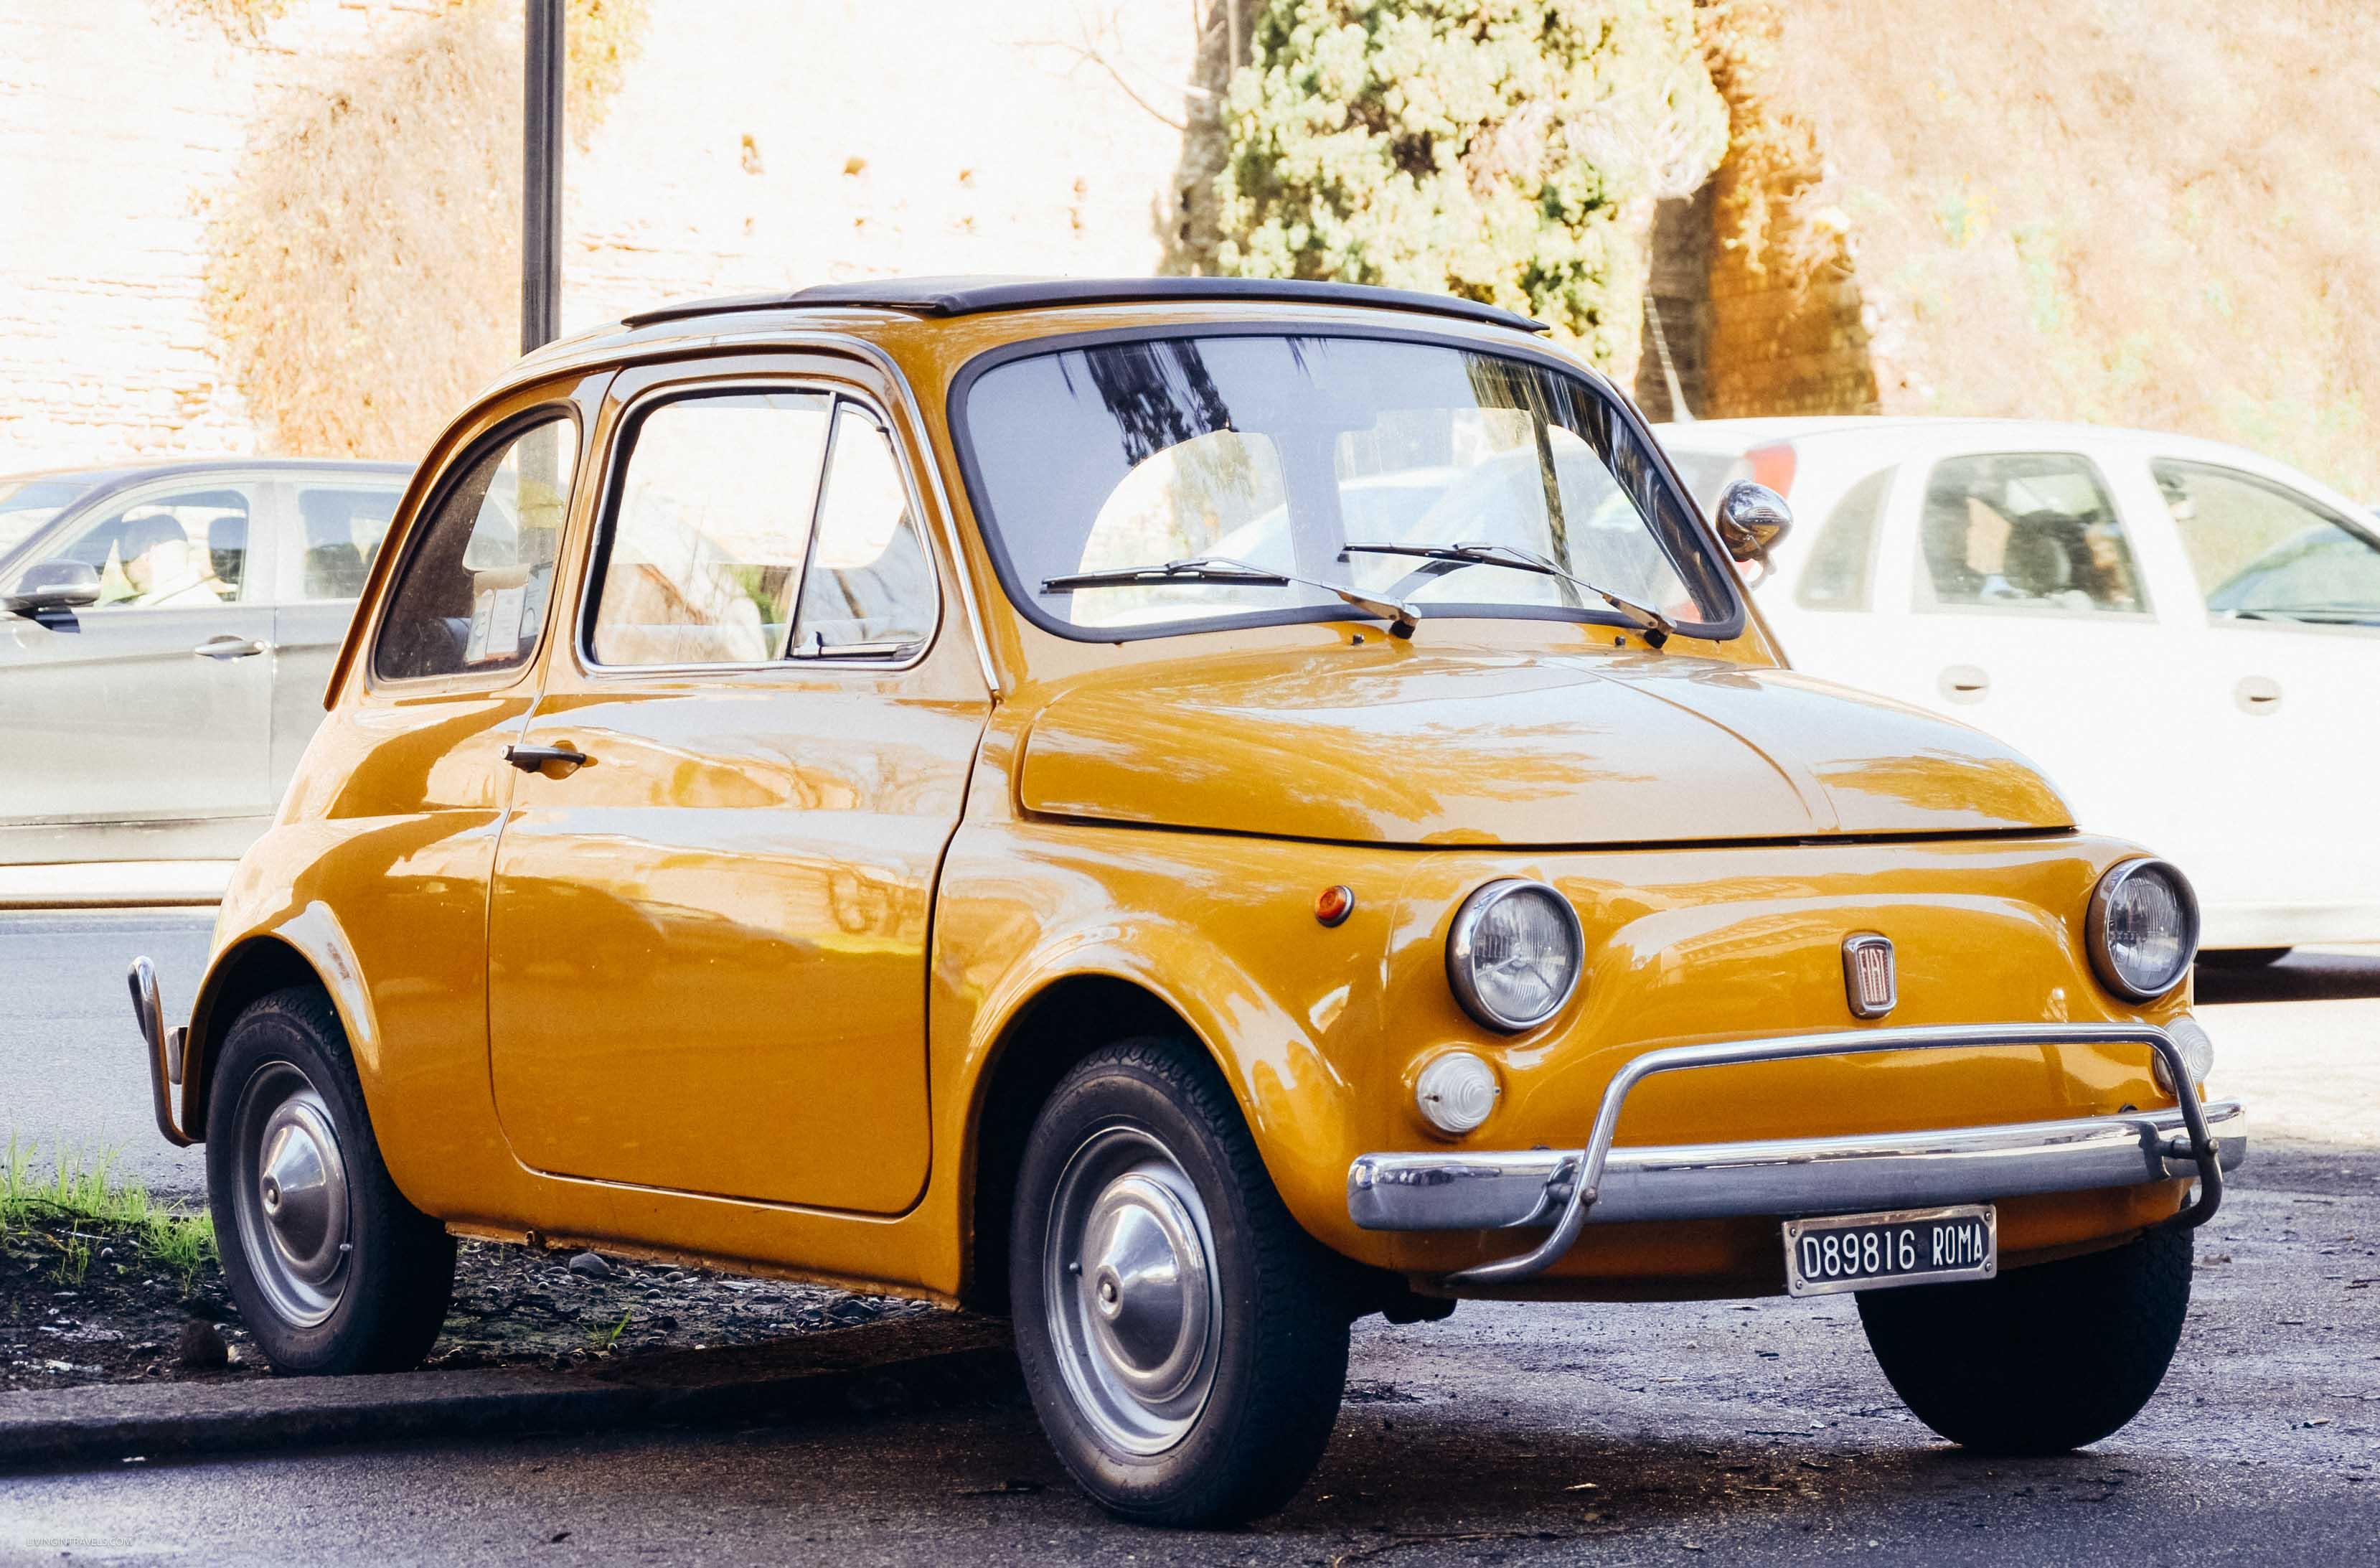 Итальянский олдкар. Рим для новичков или как увидеть город бесплатно (почти)